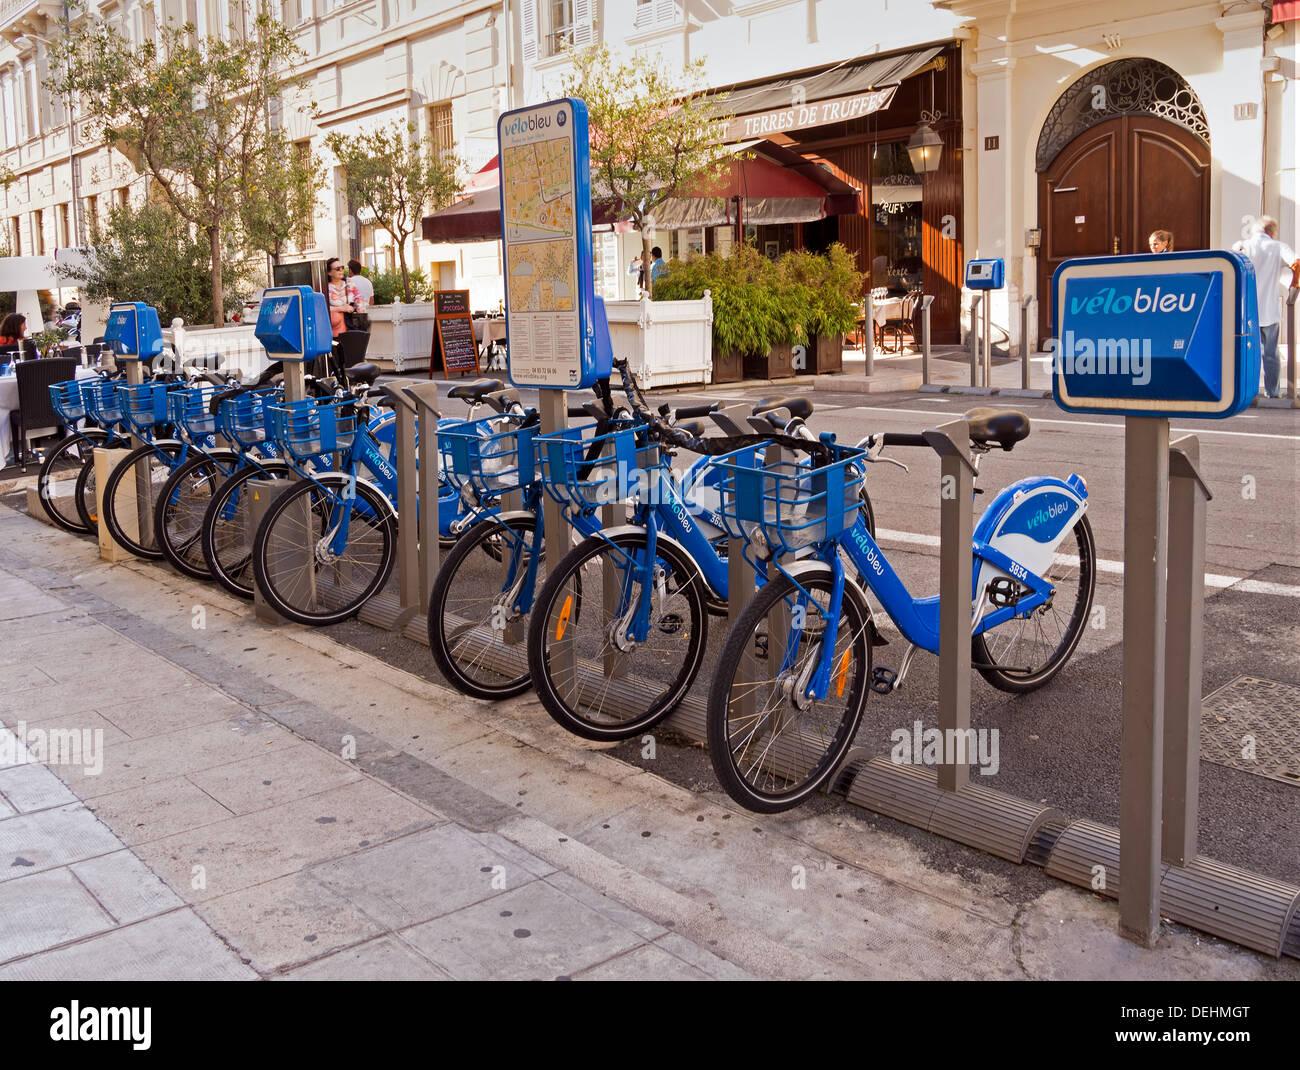 Velo bleu - Blu noleggio biciclette - eco-friendly, verde trasporti in Nizza, Francia Immagini Stock